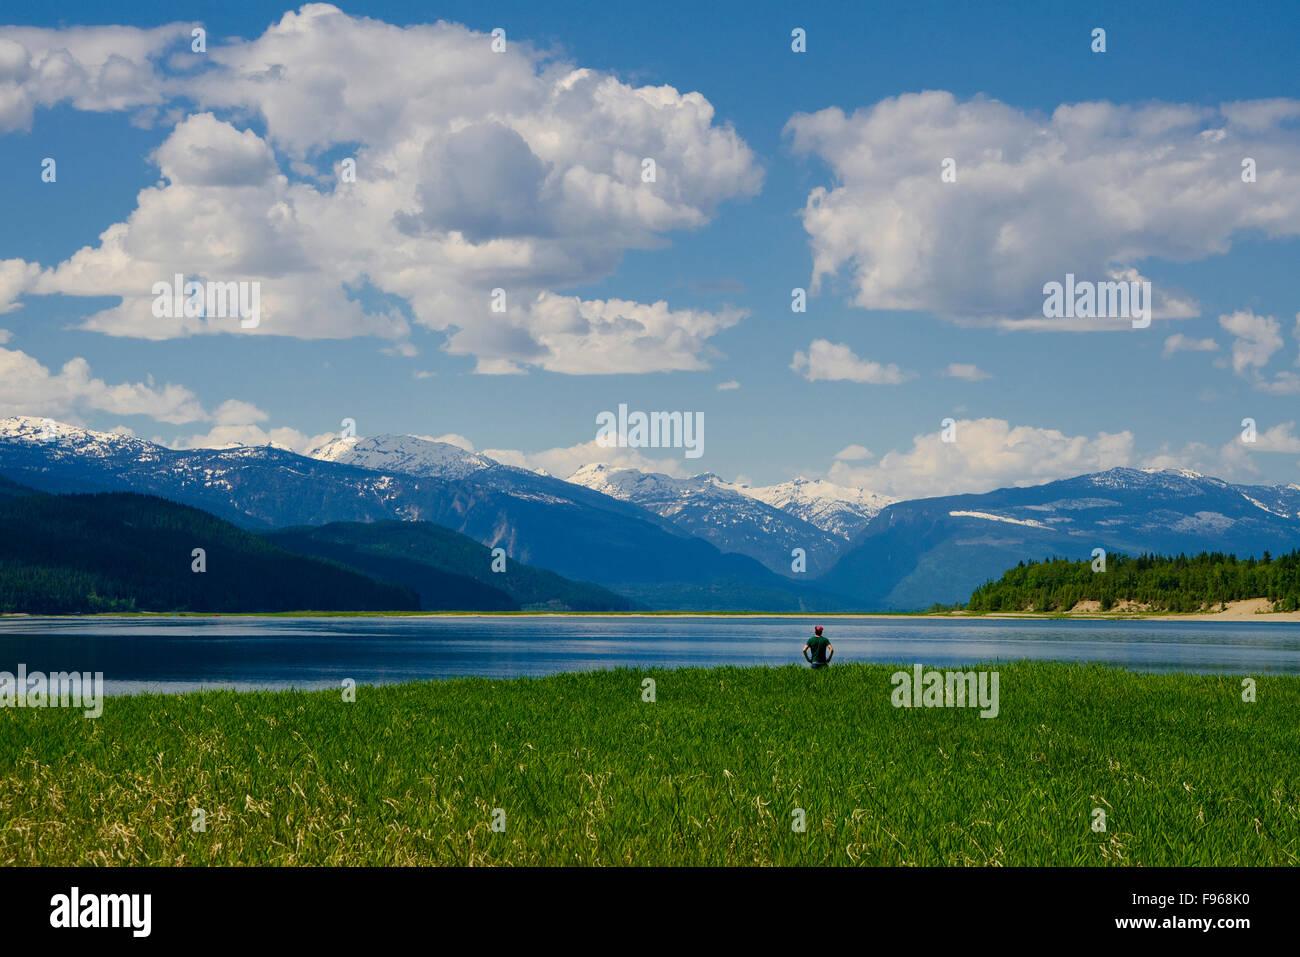 Camper penetra en las vistas del lago, cerca de flecha superior Revelstoke, en el Columbia/Shuswap región de British Columbia, Canadá Foto de stock